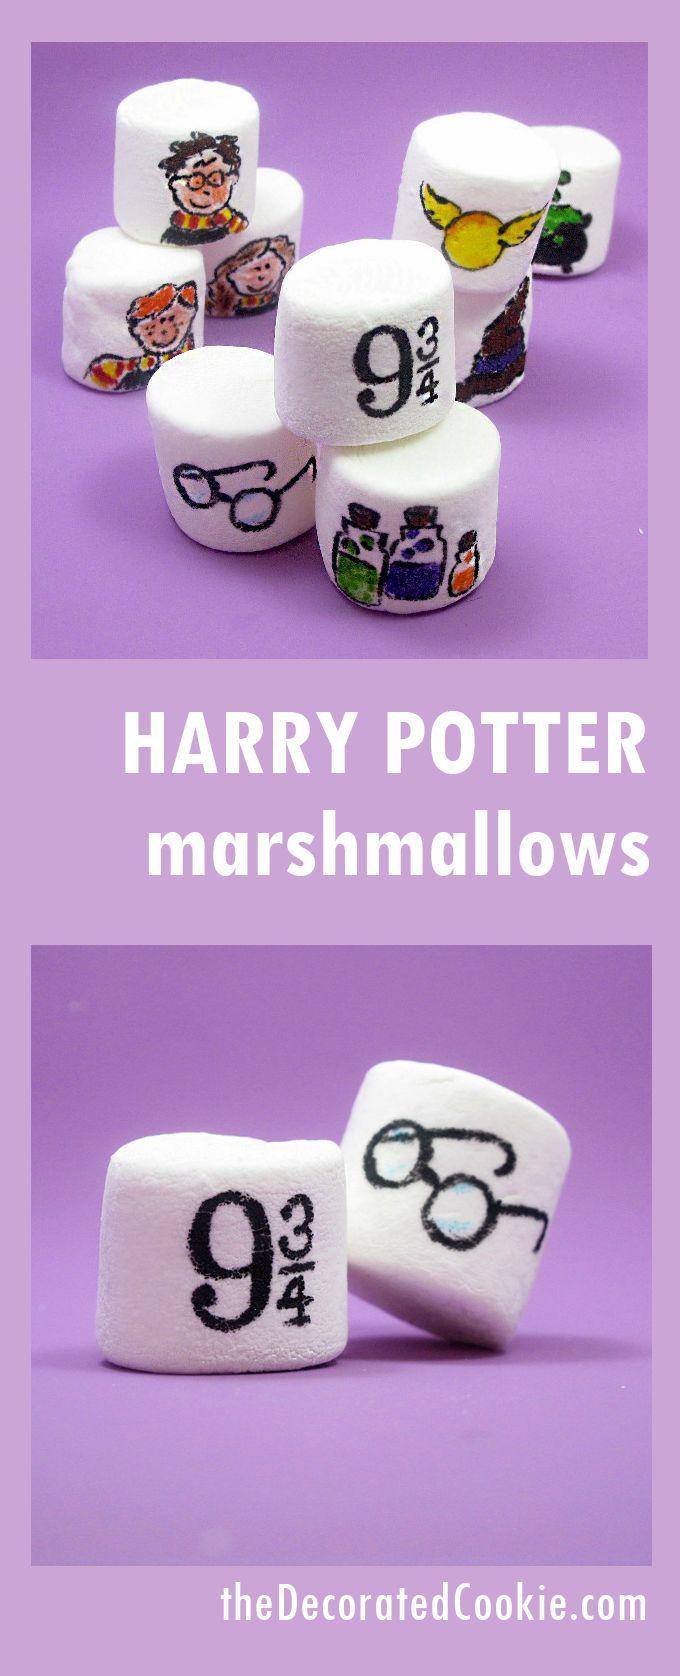 Harry Potter marshmallows #marshmallows